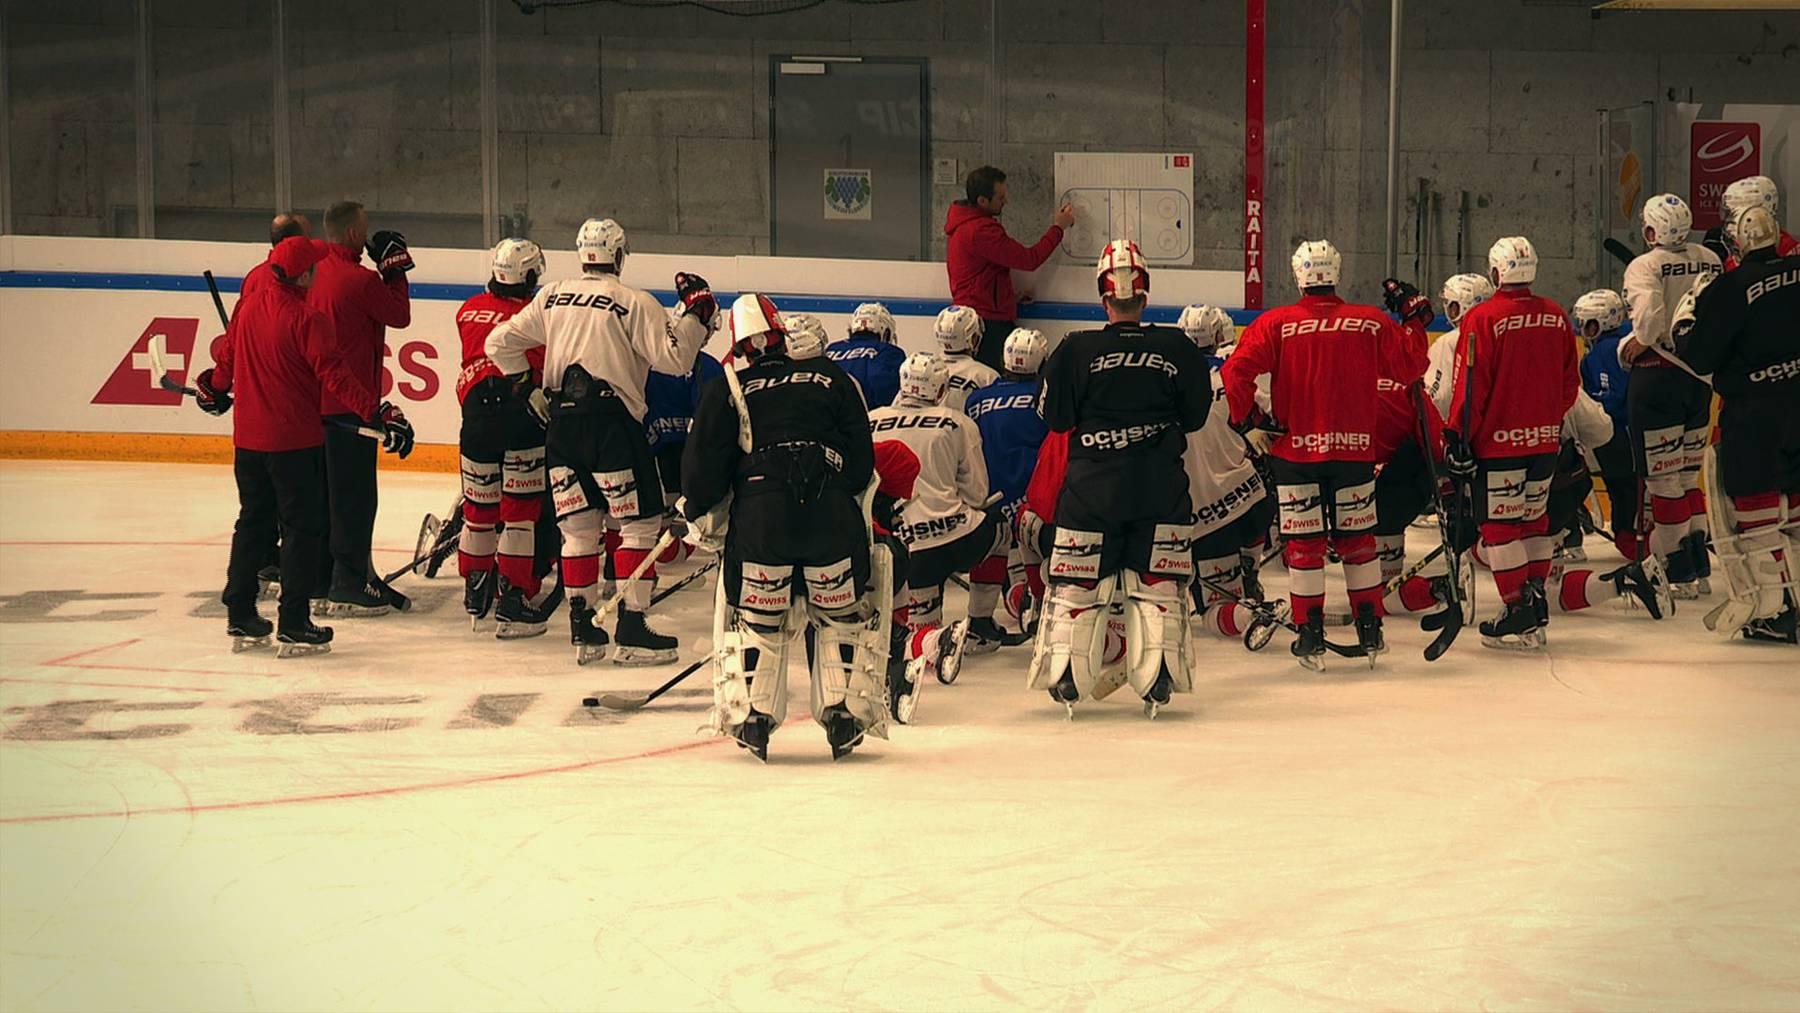 Die Schweizer Eishockey-Nati trainiert fleissig in der Eishalle in Weinfelden.